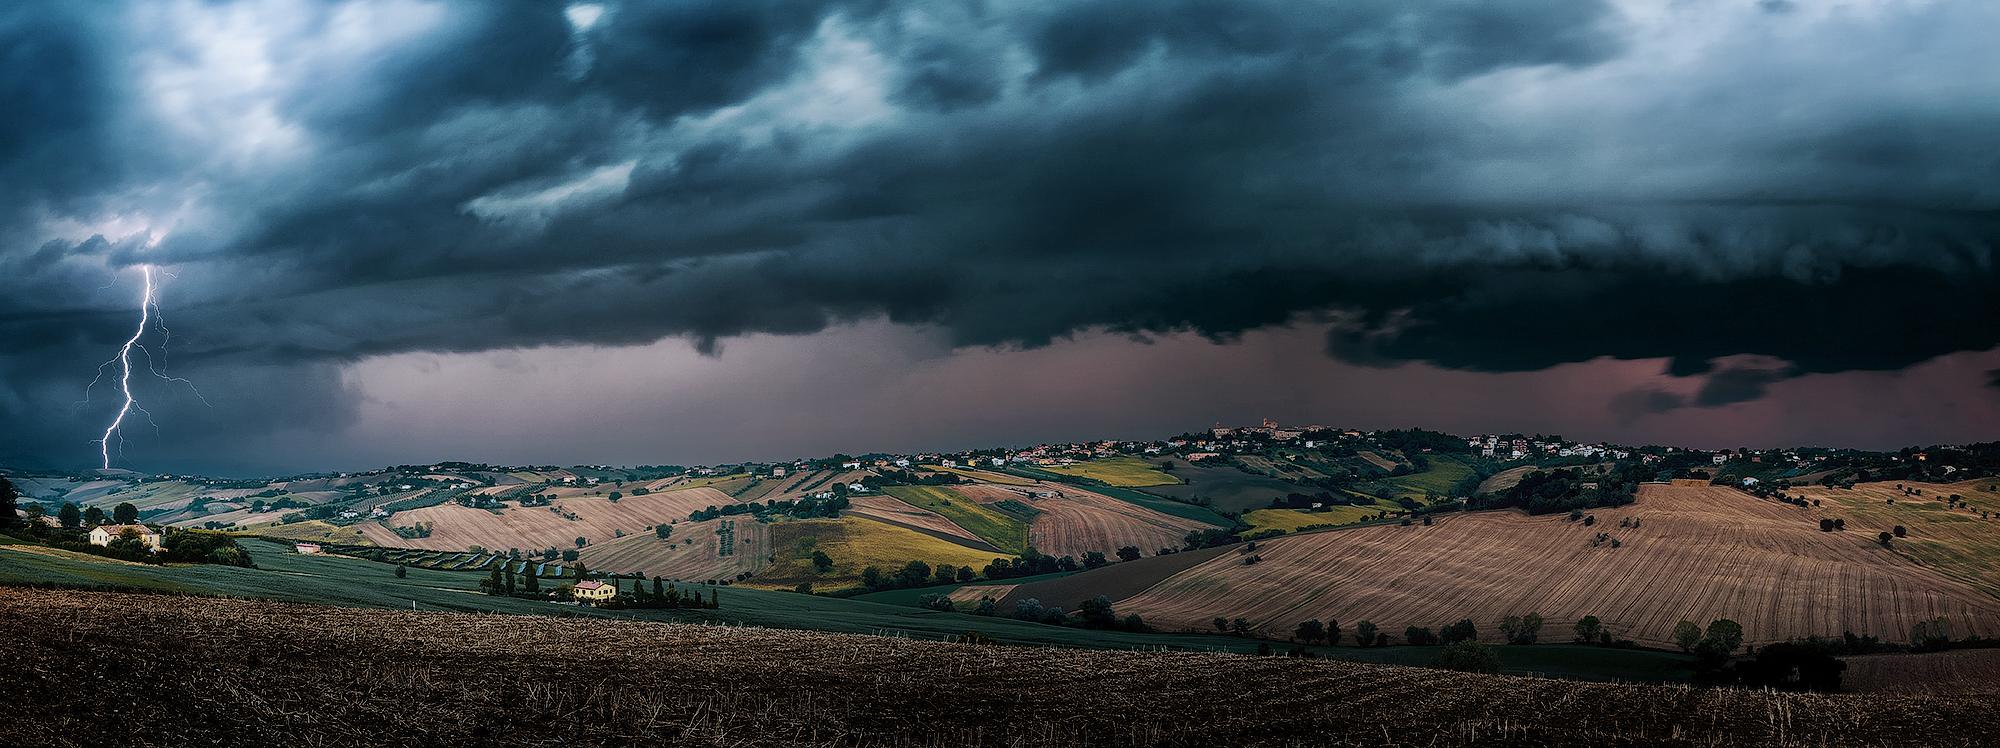 Apocalypse...